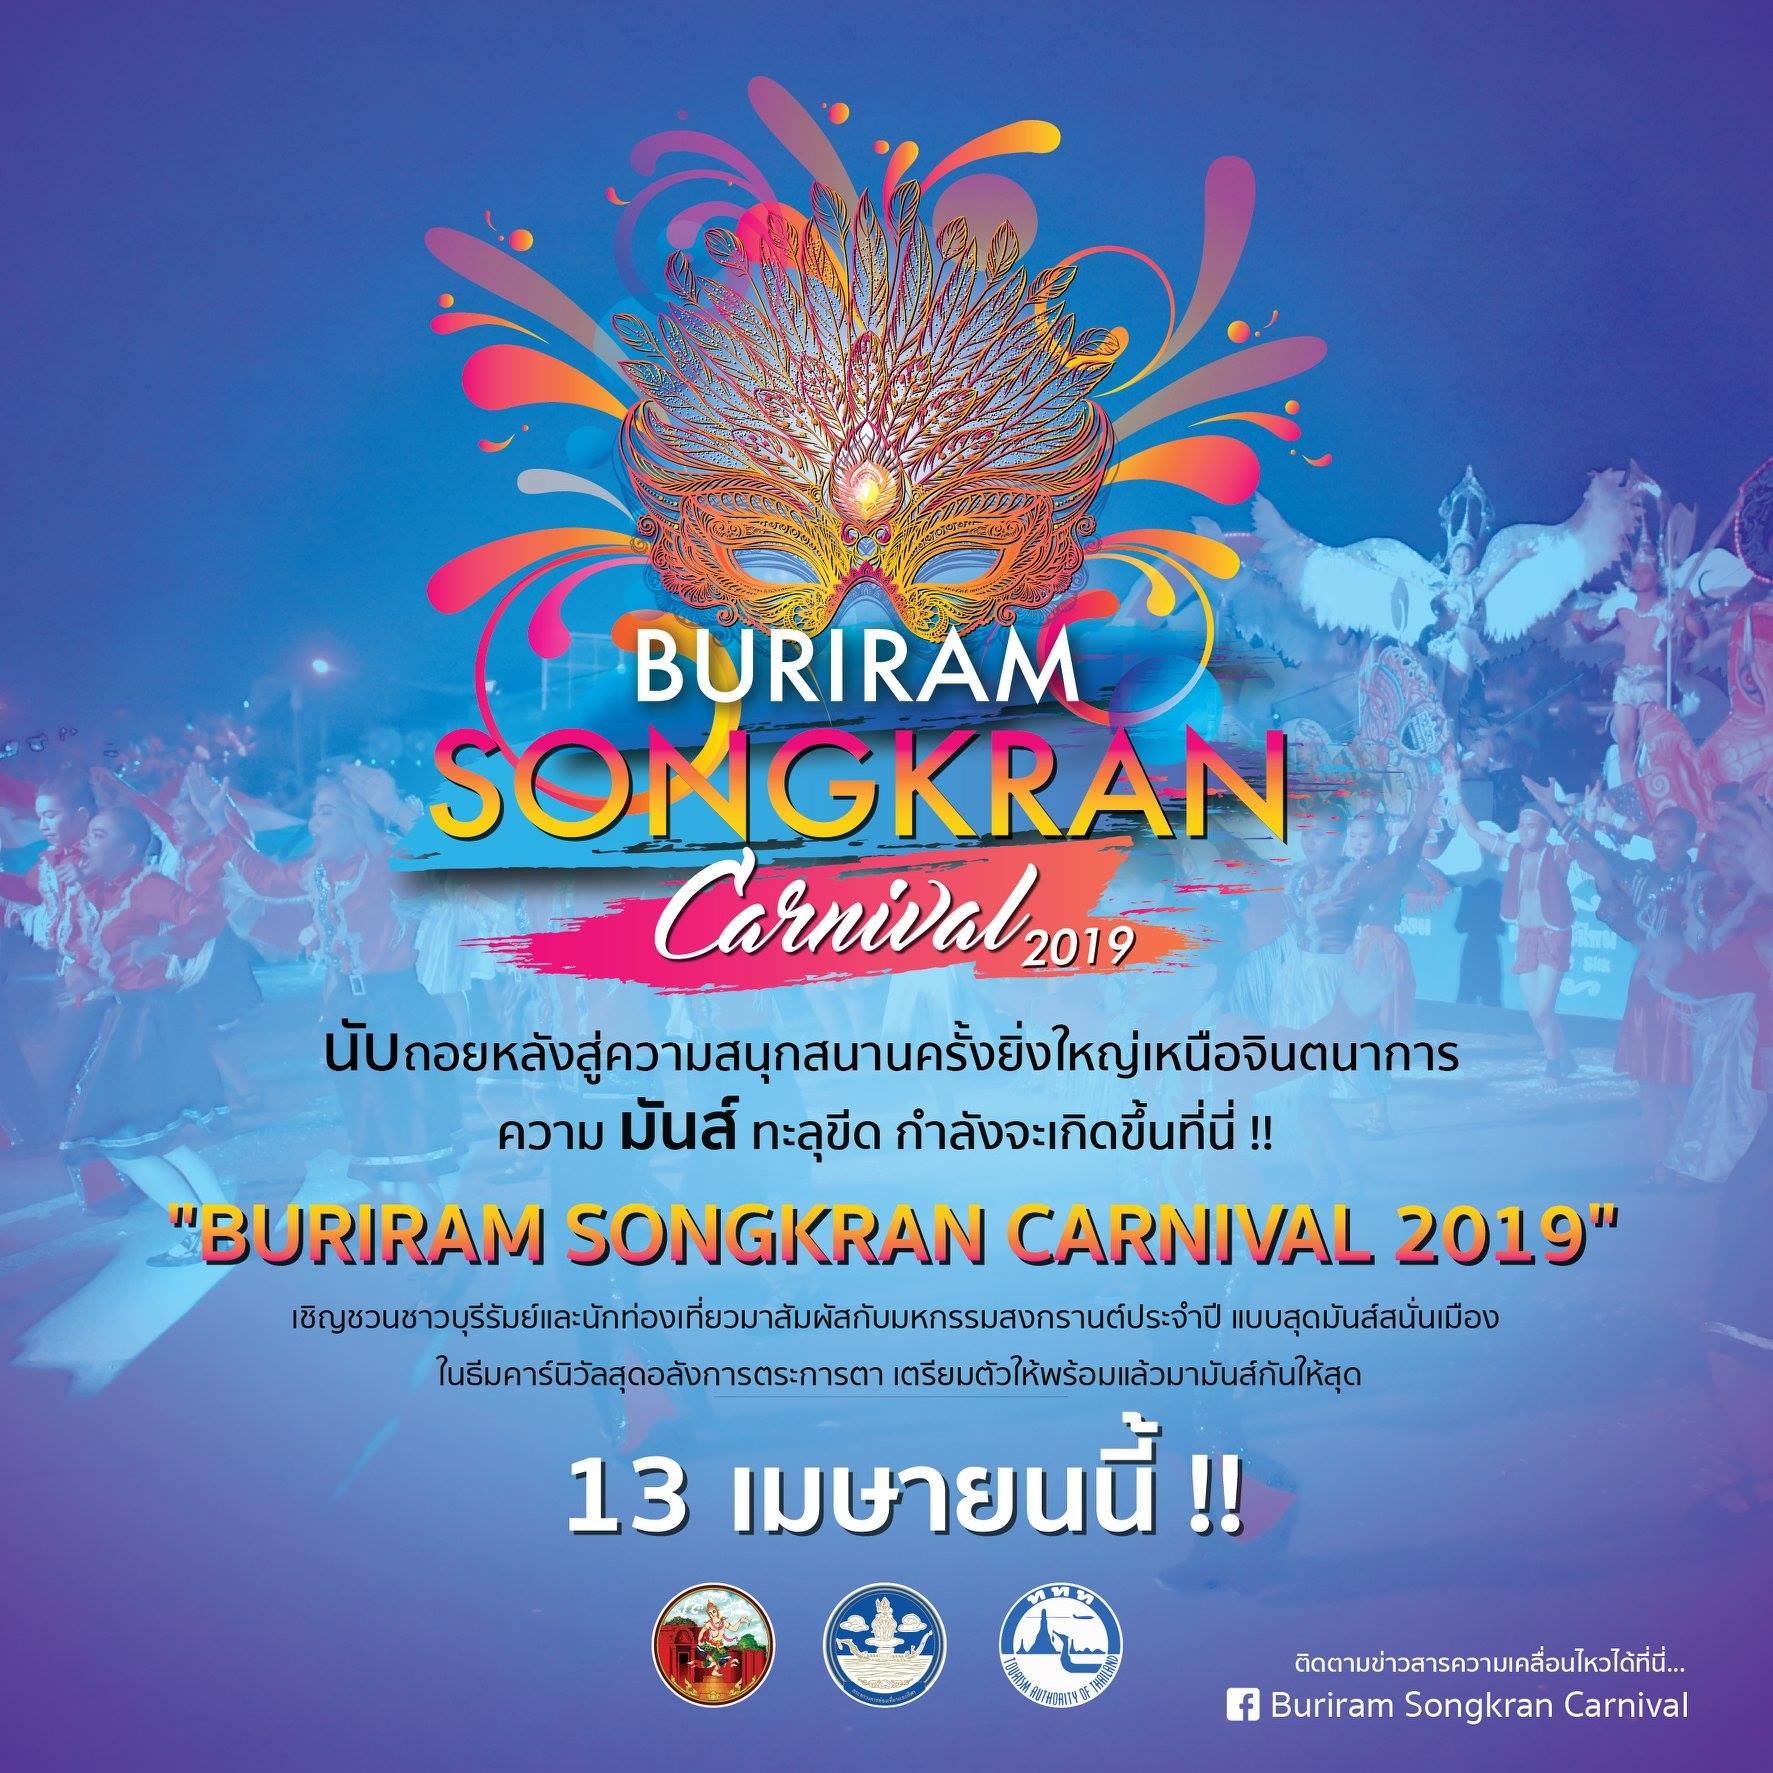 บุรีรัมย์ สงกรานต์ คาร์นิวัล 2562 (Buriram Songkran Carnival 2019)